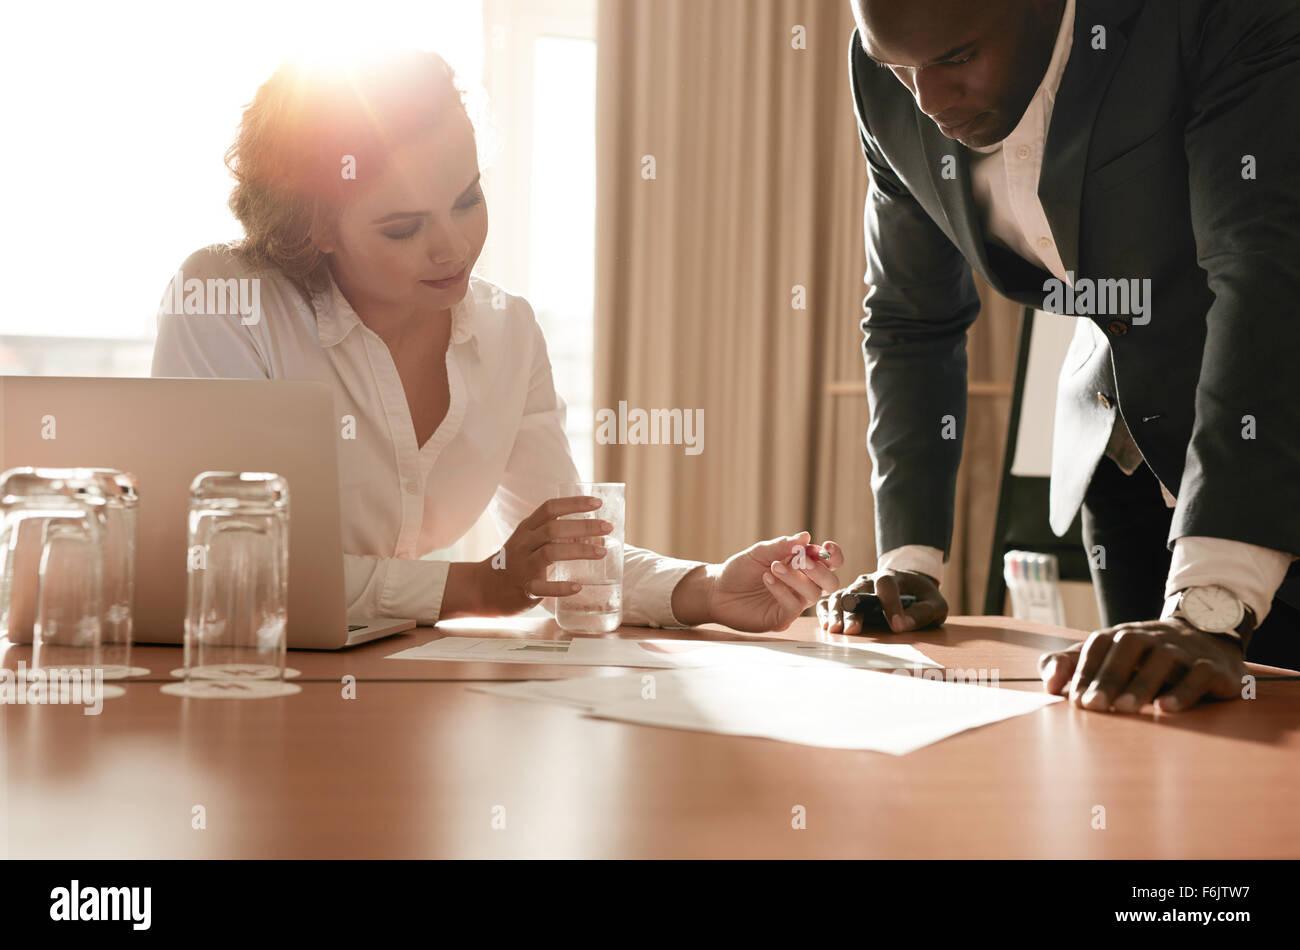 Dos jóvenes colegas trabajando en algunas ideas de negocio. Los empresarios analizando informes empresariales Imagen De Stock